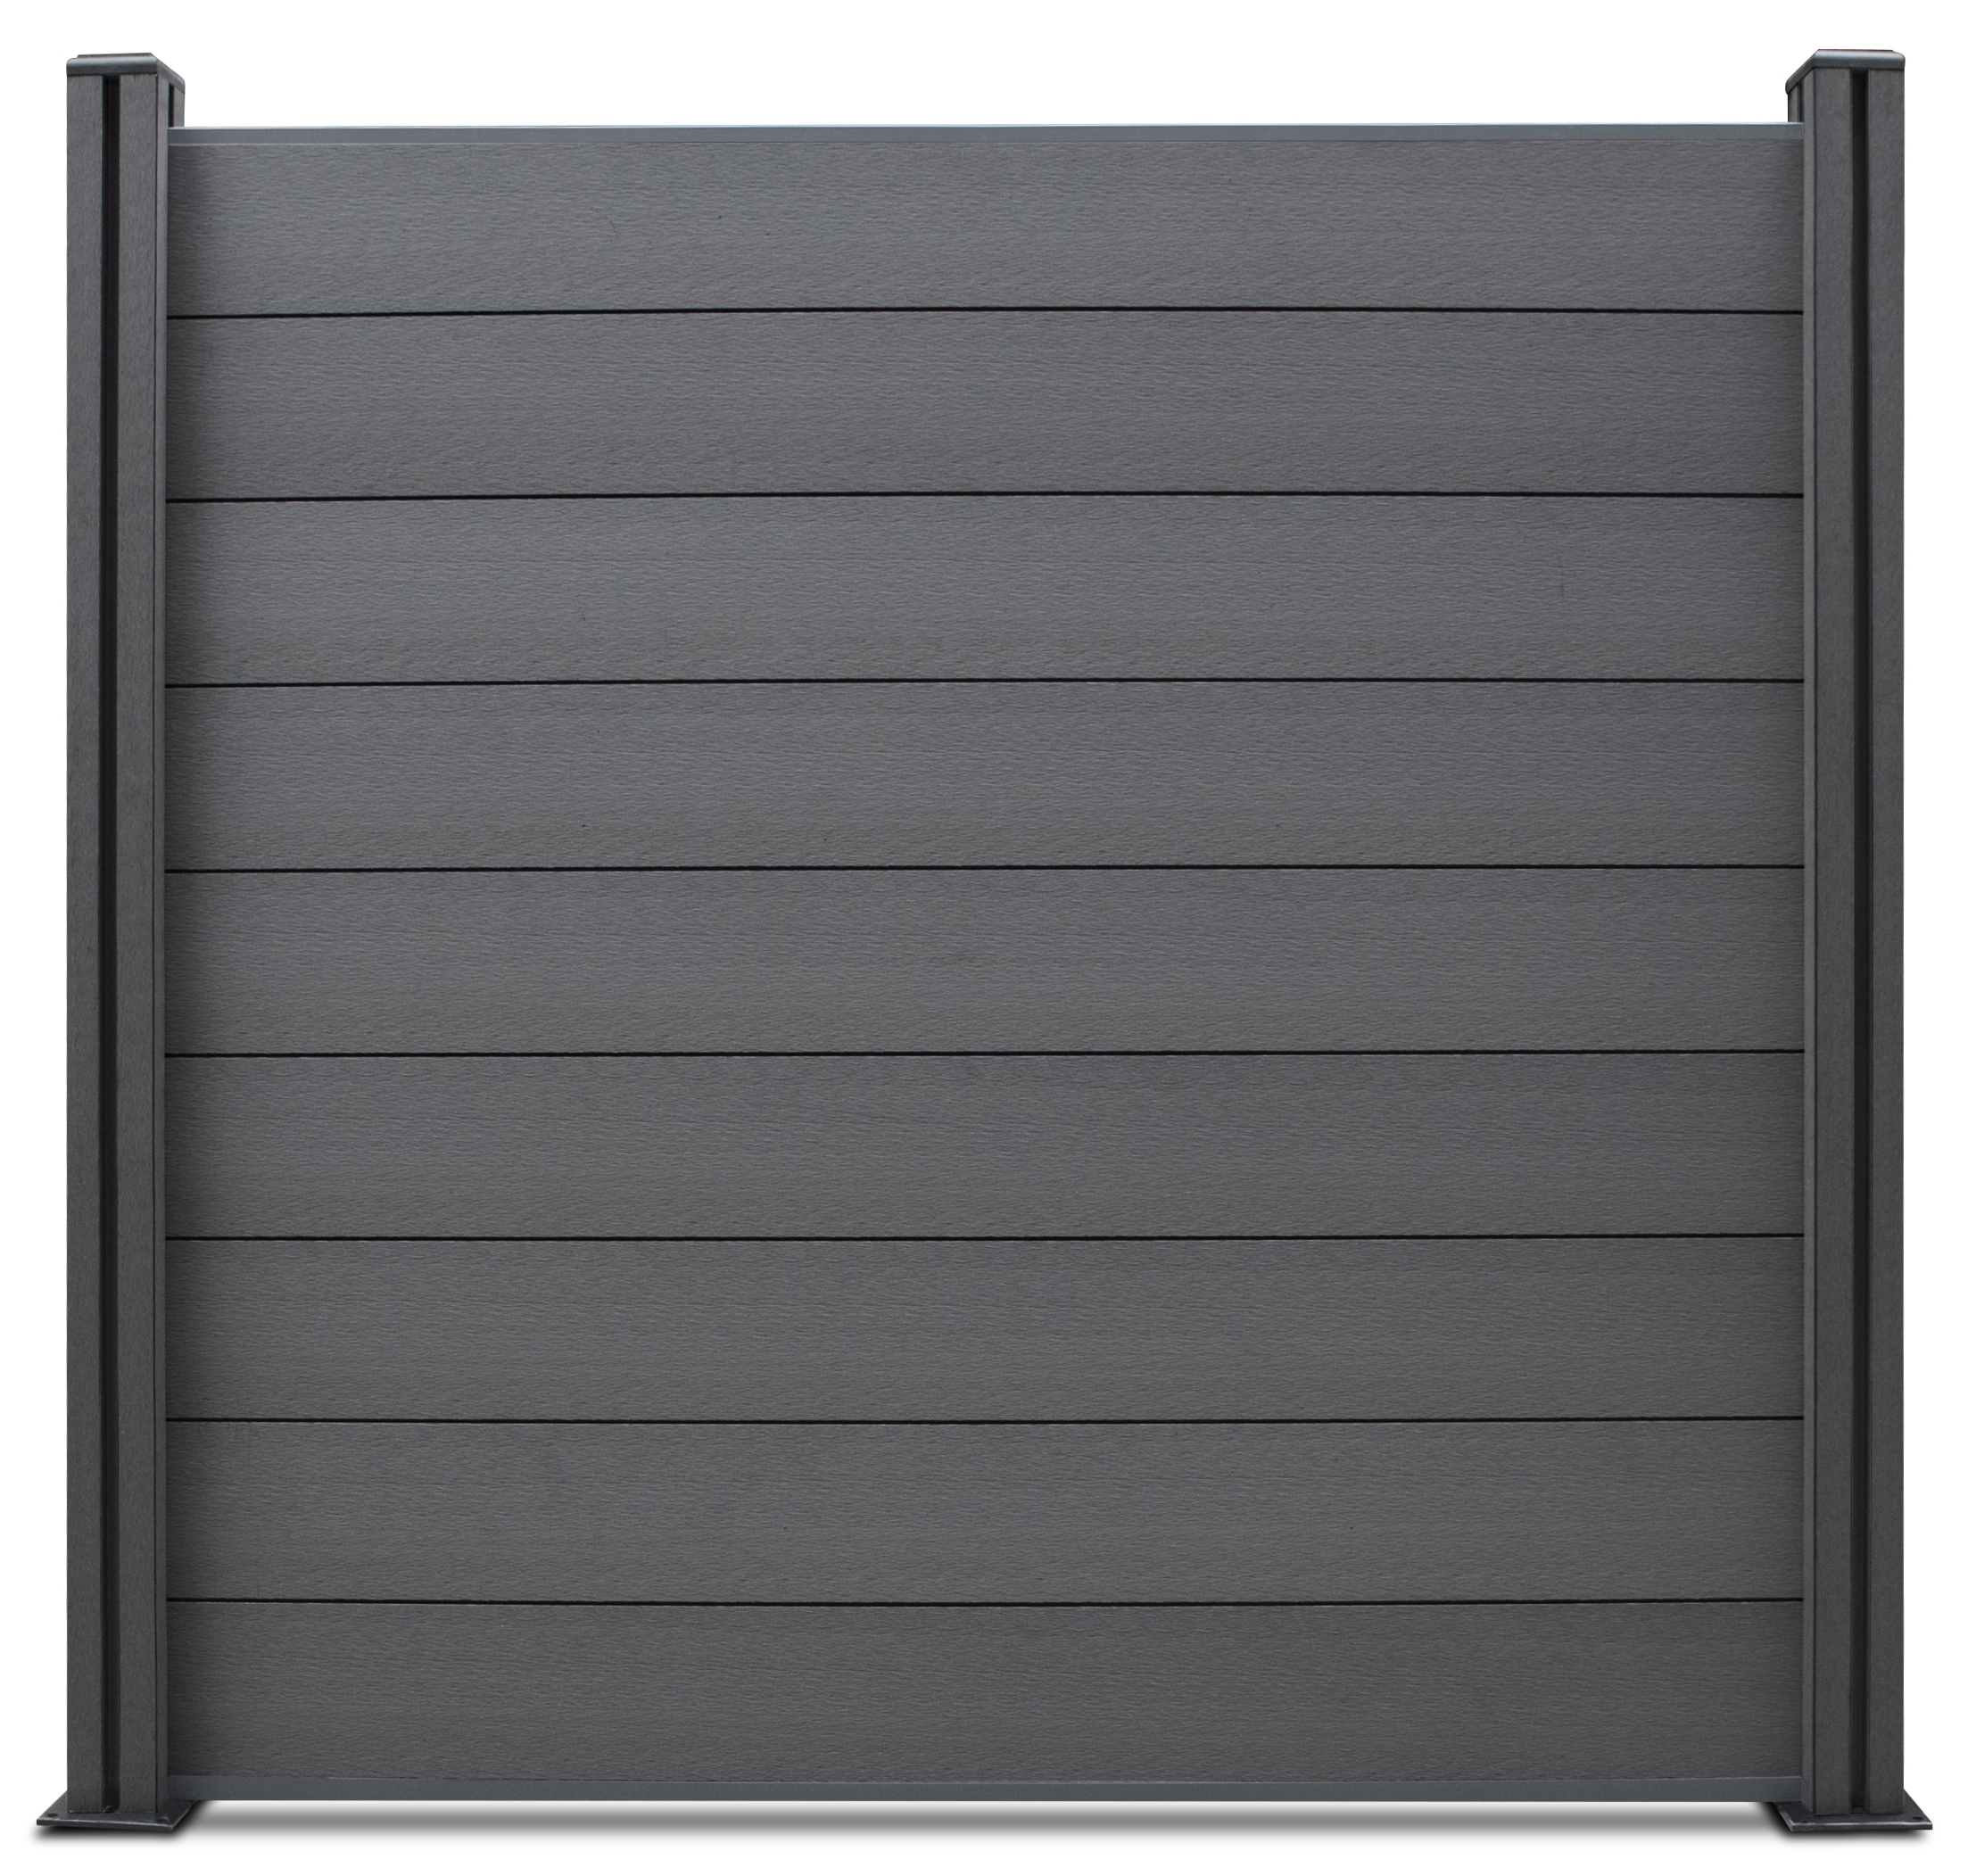 Wpc Sichtschutzzaun Edition Line Anthrazit Grau 6 Elemente 7